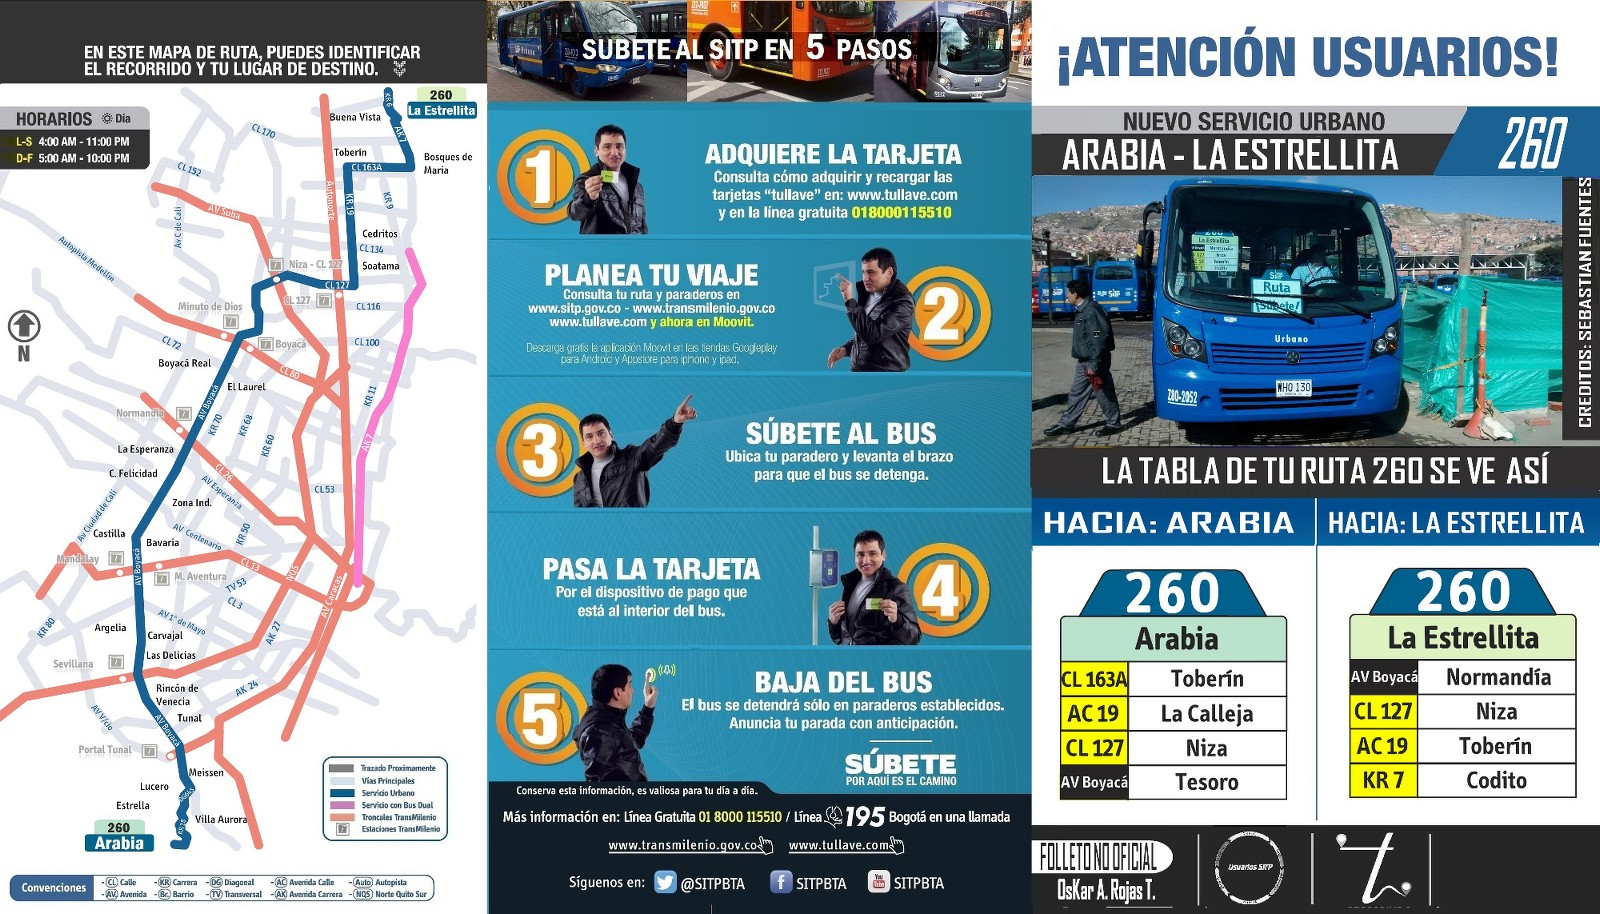 nueva_ruta_260_mapa_folleto_extraoficial_Oskar_Torres